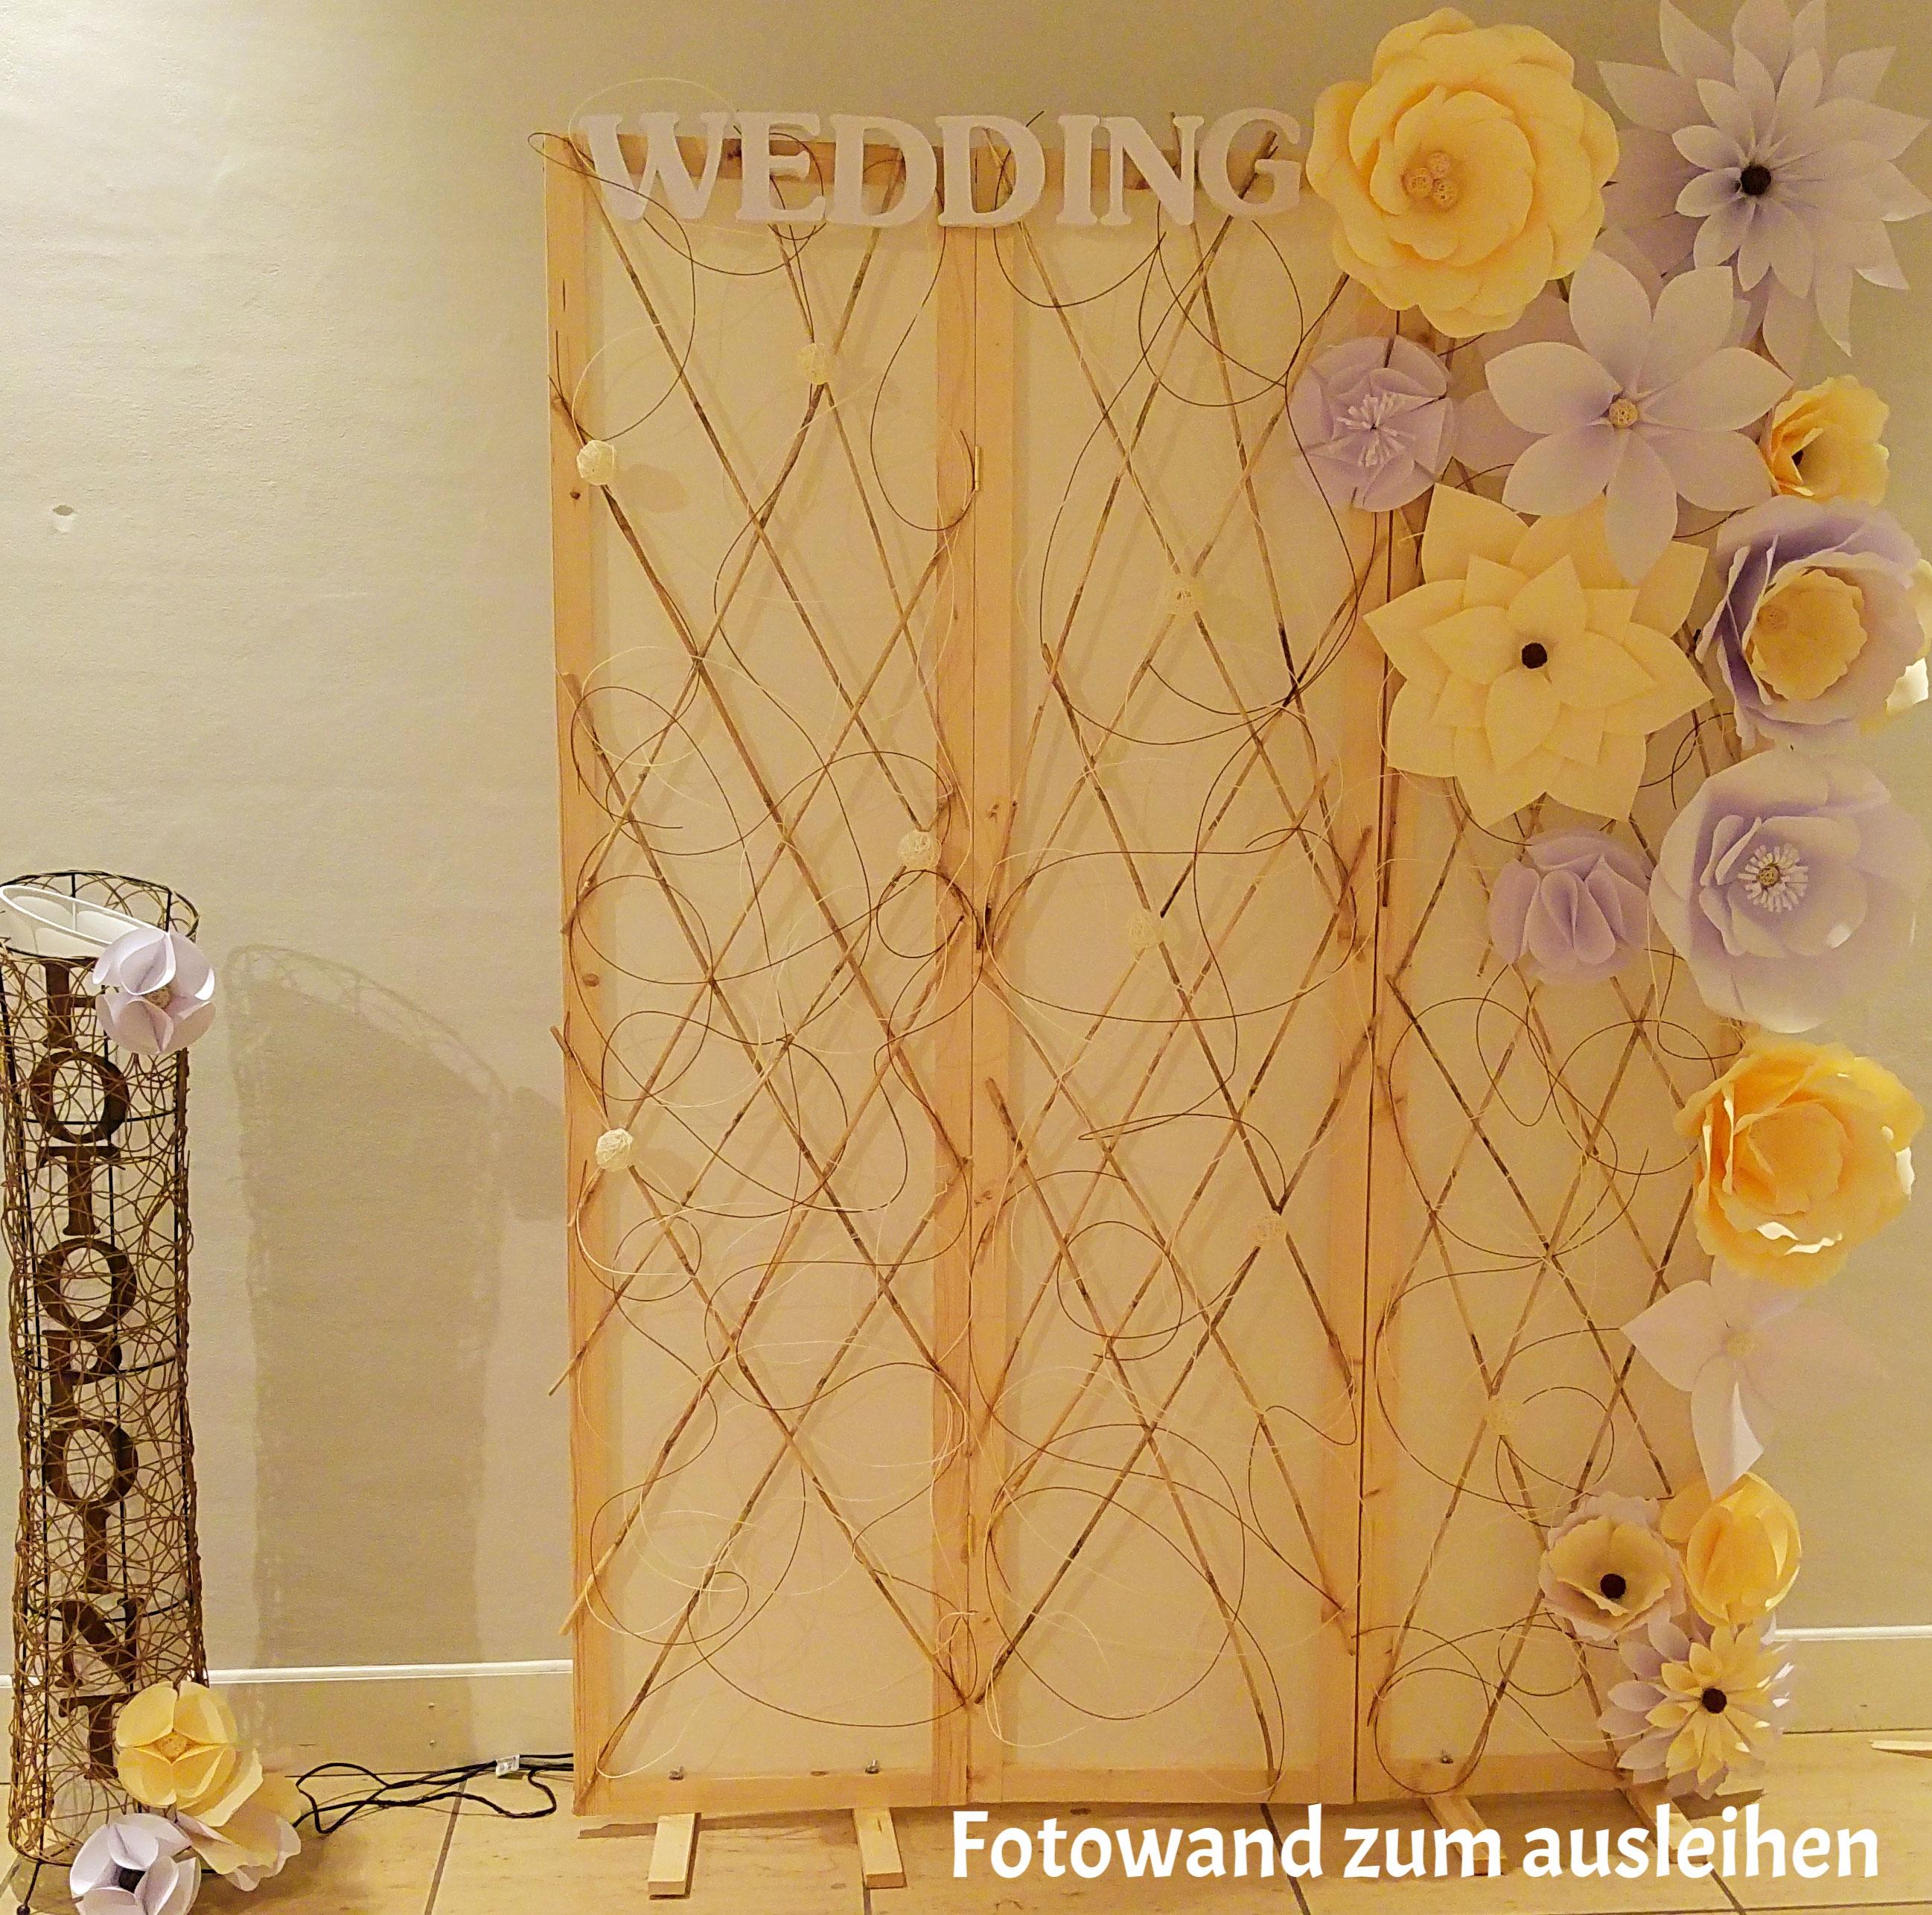 Hochzeitsideen Feier Tolle Hochzeitsideen Von Etsy Und 1 X 1 250